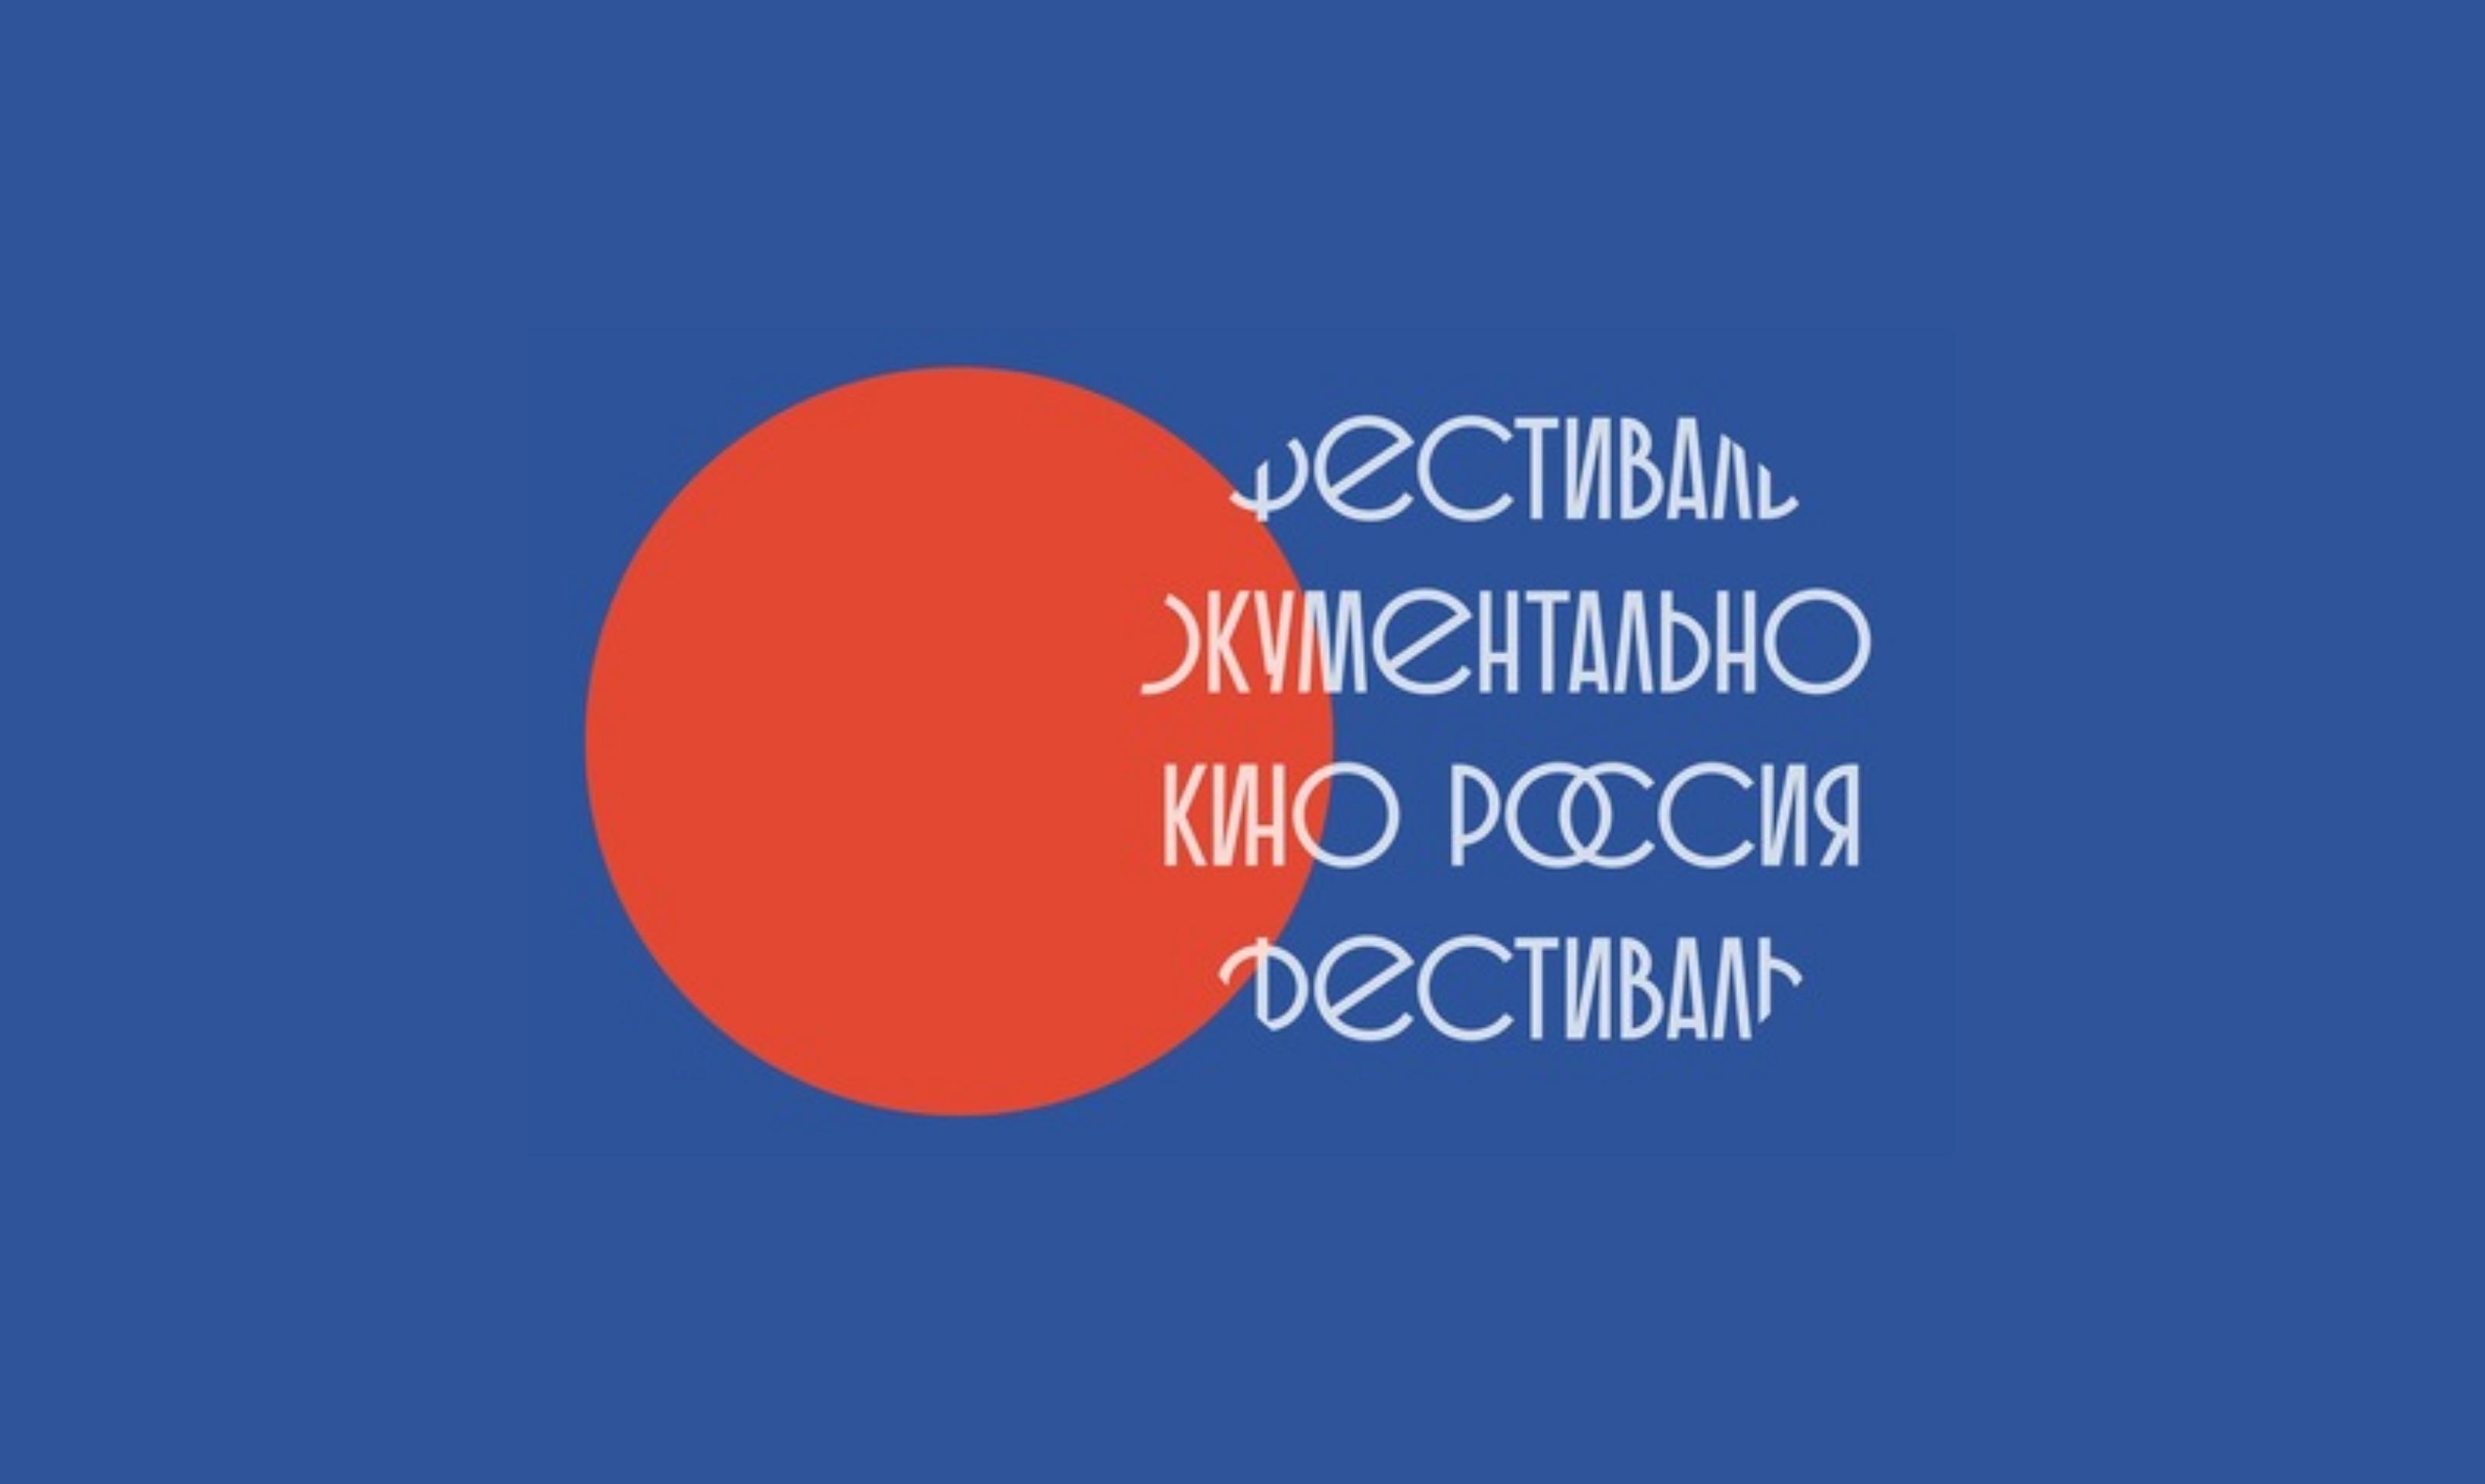 Пять дней документалок: в Екатеринбурге пройдет старейший кинофорум